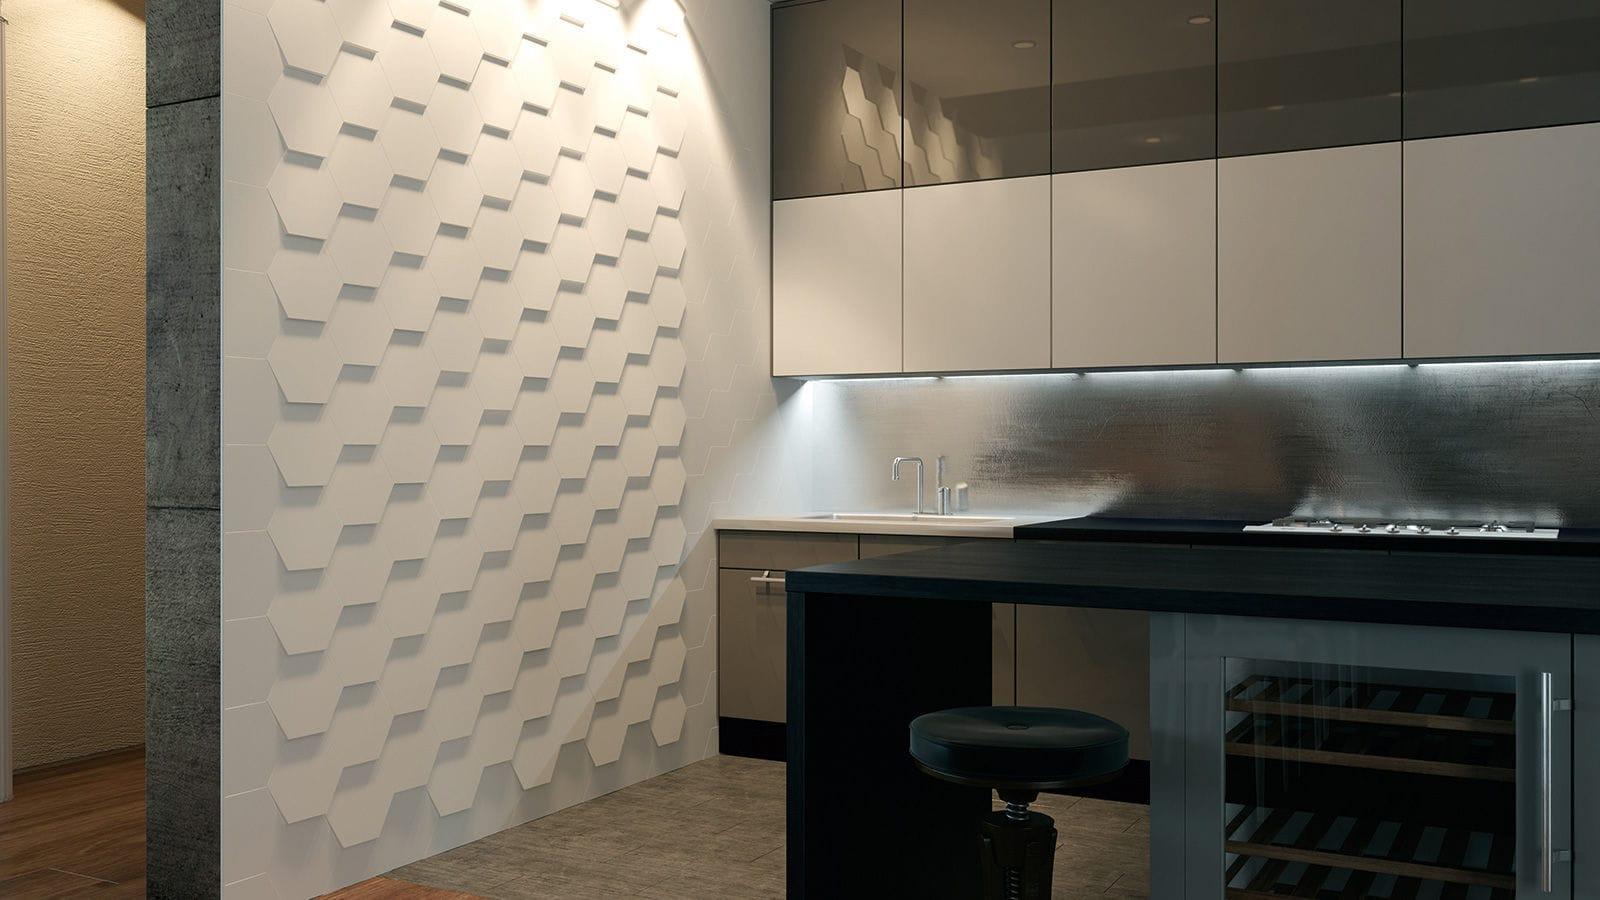 Piastrella da bagno da parete in ceramica a rilievo hexa